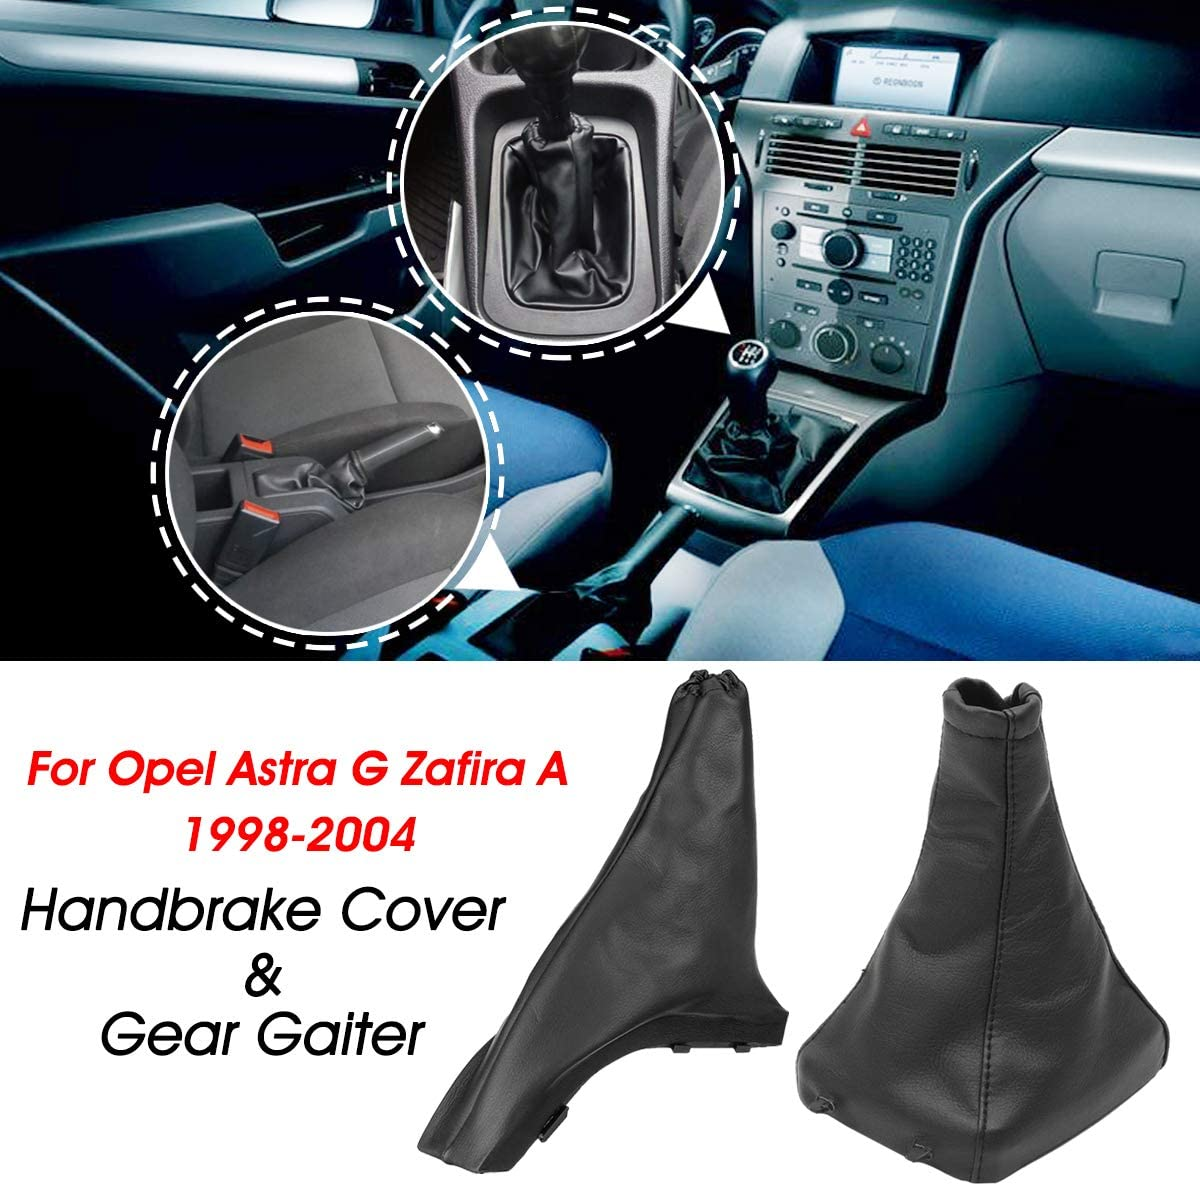 Ddanke 1 Paar Schaltsack Handbremsmanschette Für Opel Astra G Zafira A 1998 2004 Baumarkt